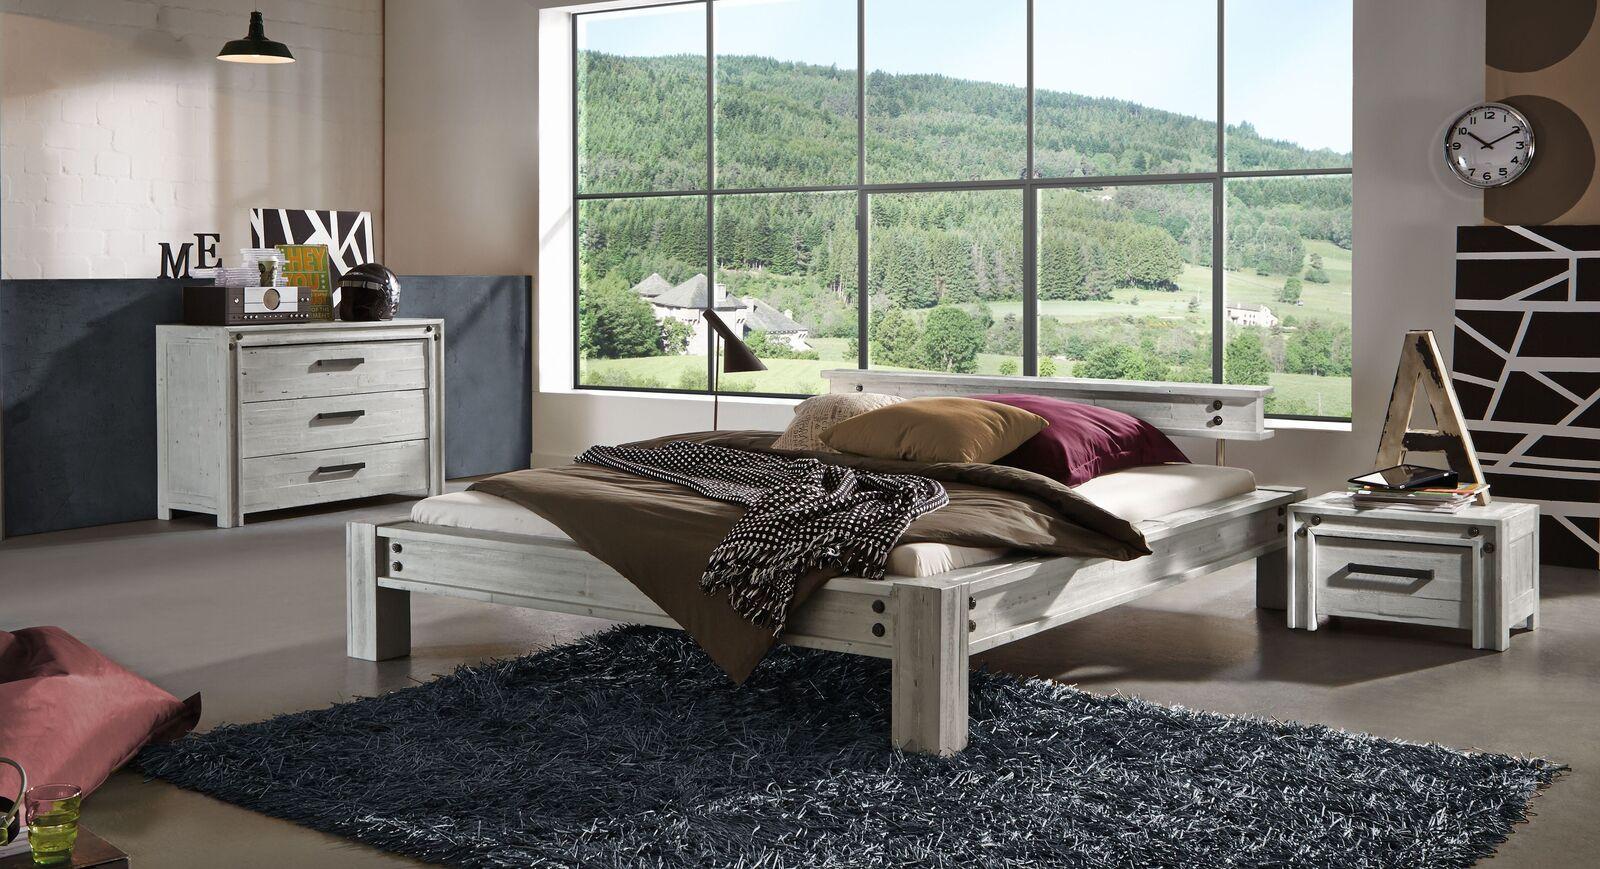 Bett Cekin mit passenden Schlafzimmermöbeln